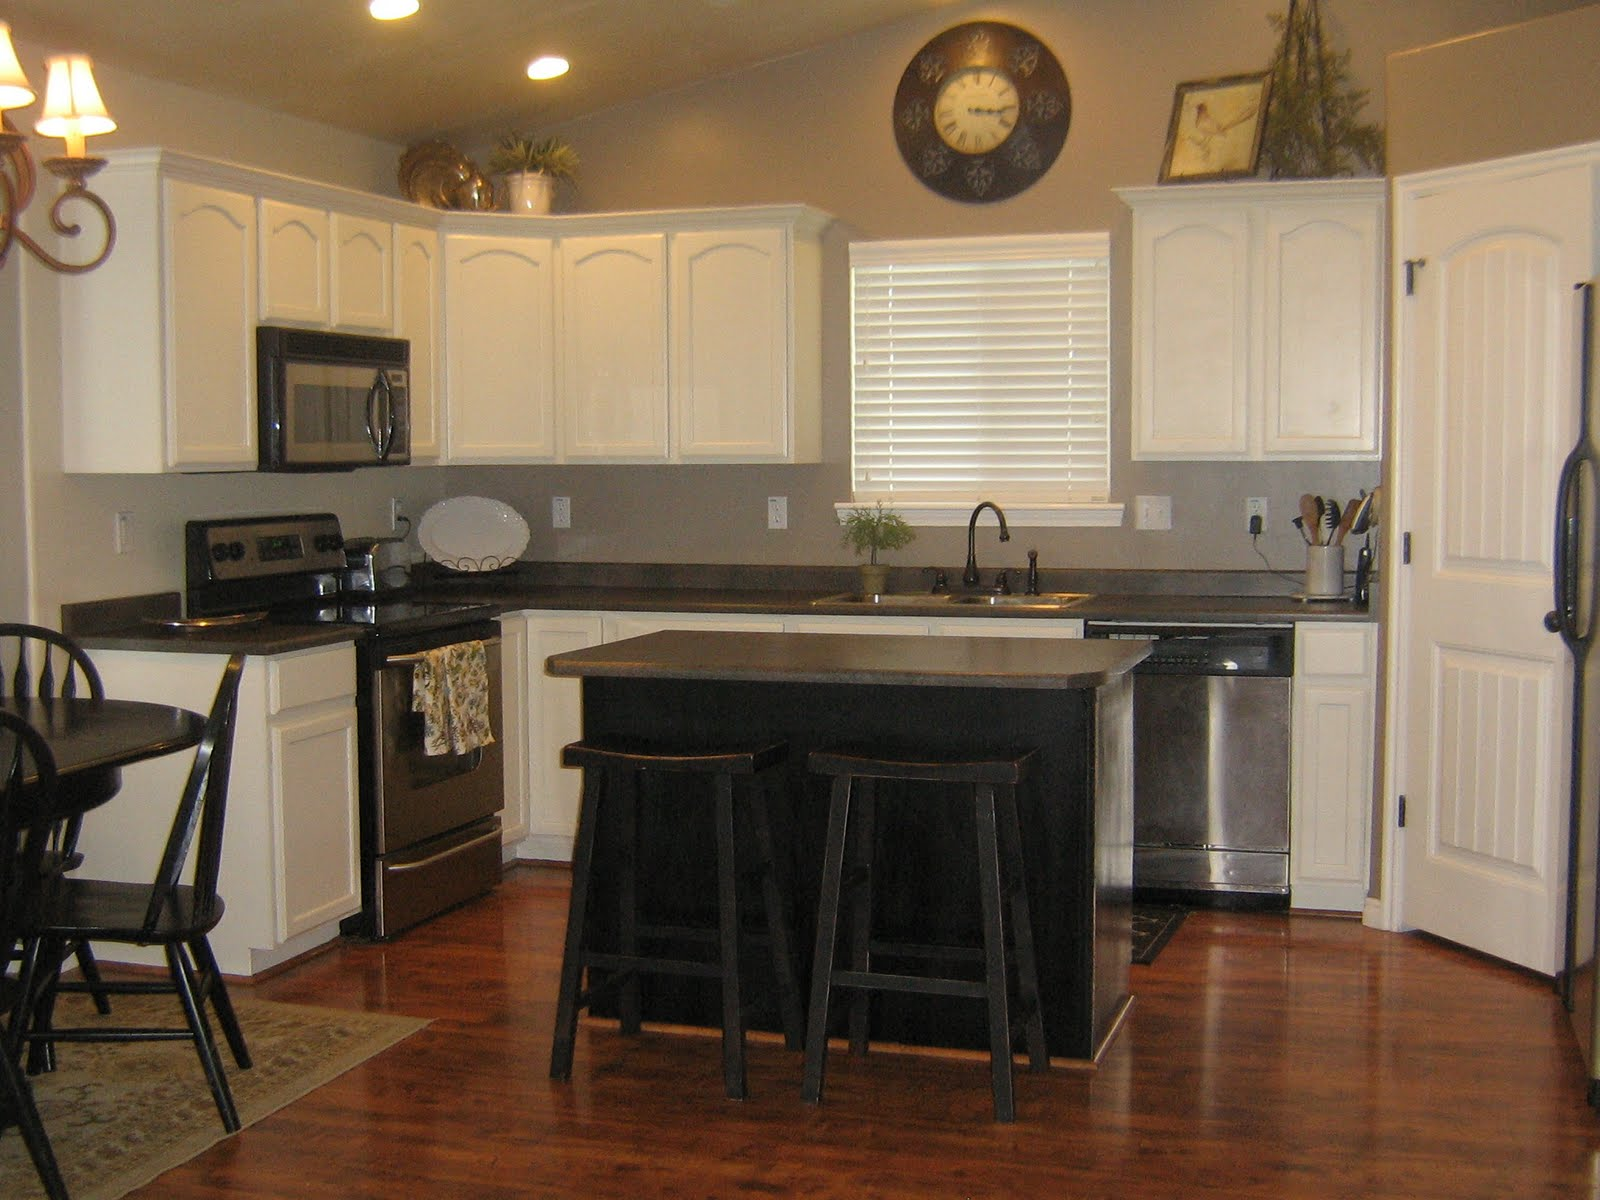 kitchen white cabinets black island photo - 7